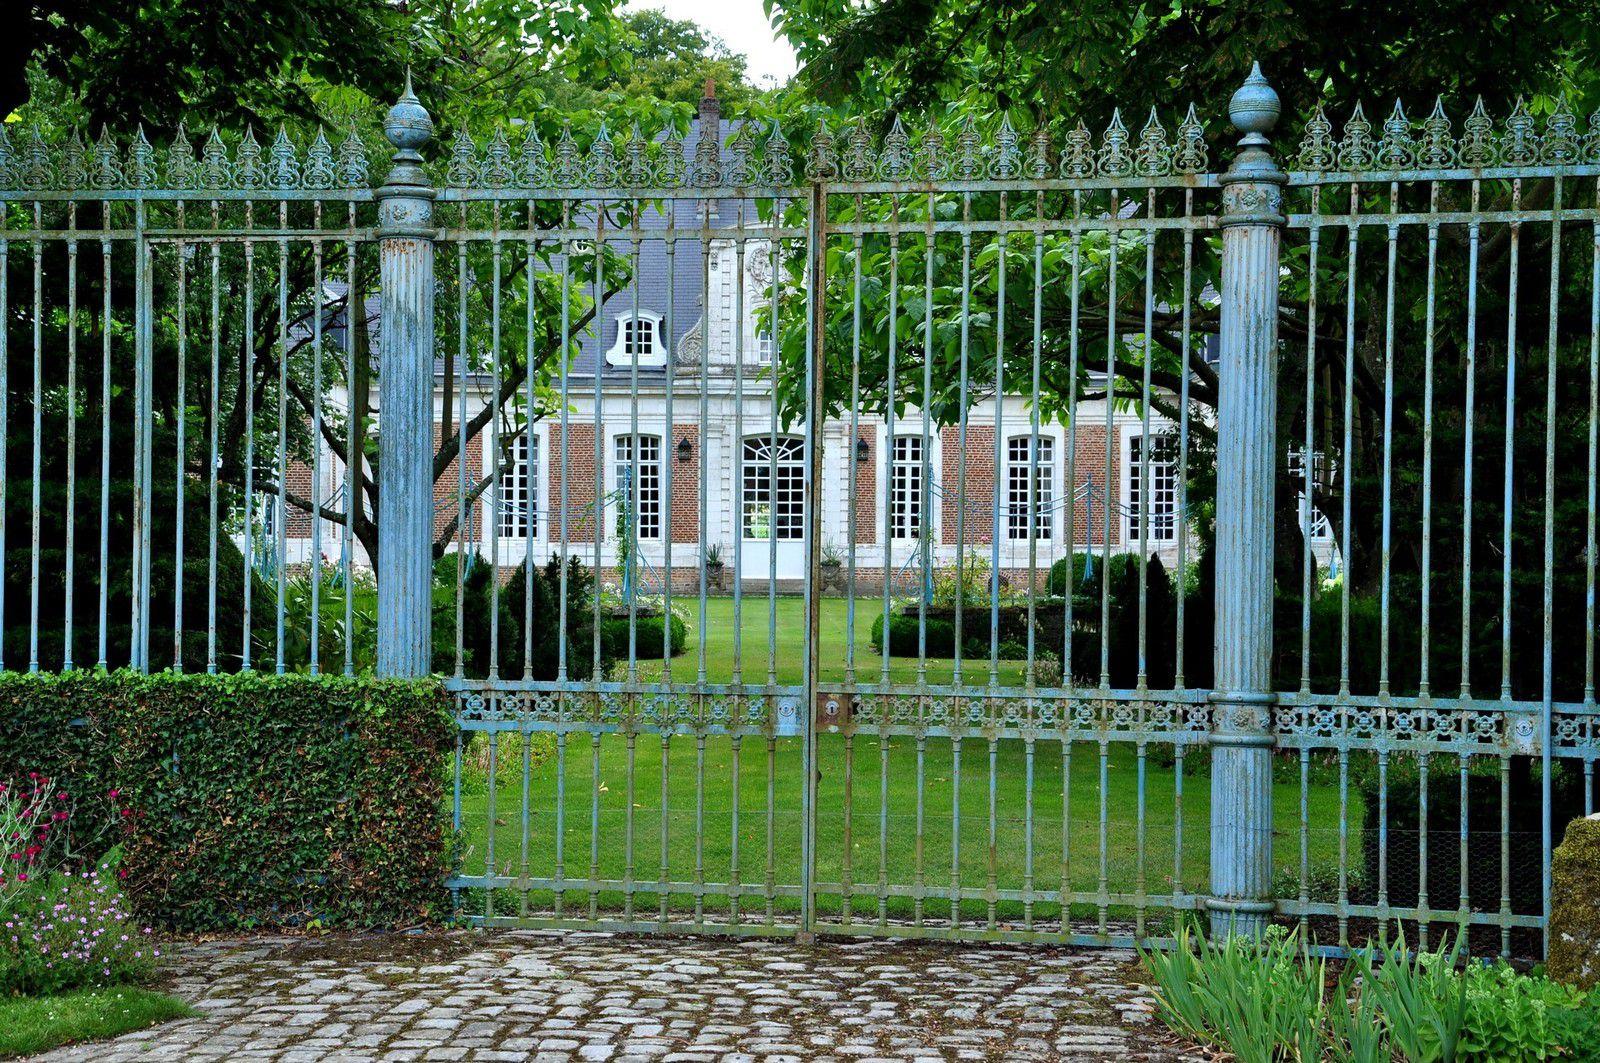 Les jardins de Maizicourt, cours-y vite le rêve est devant toi.